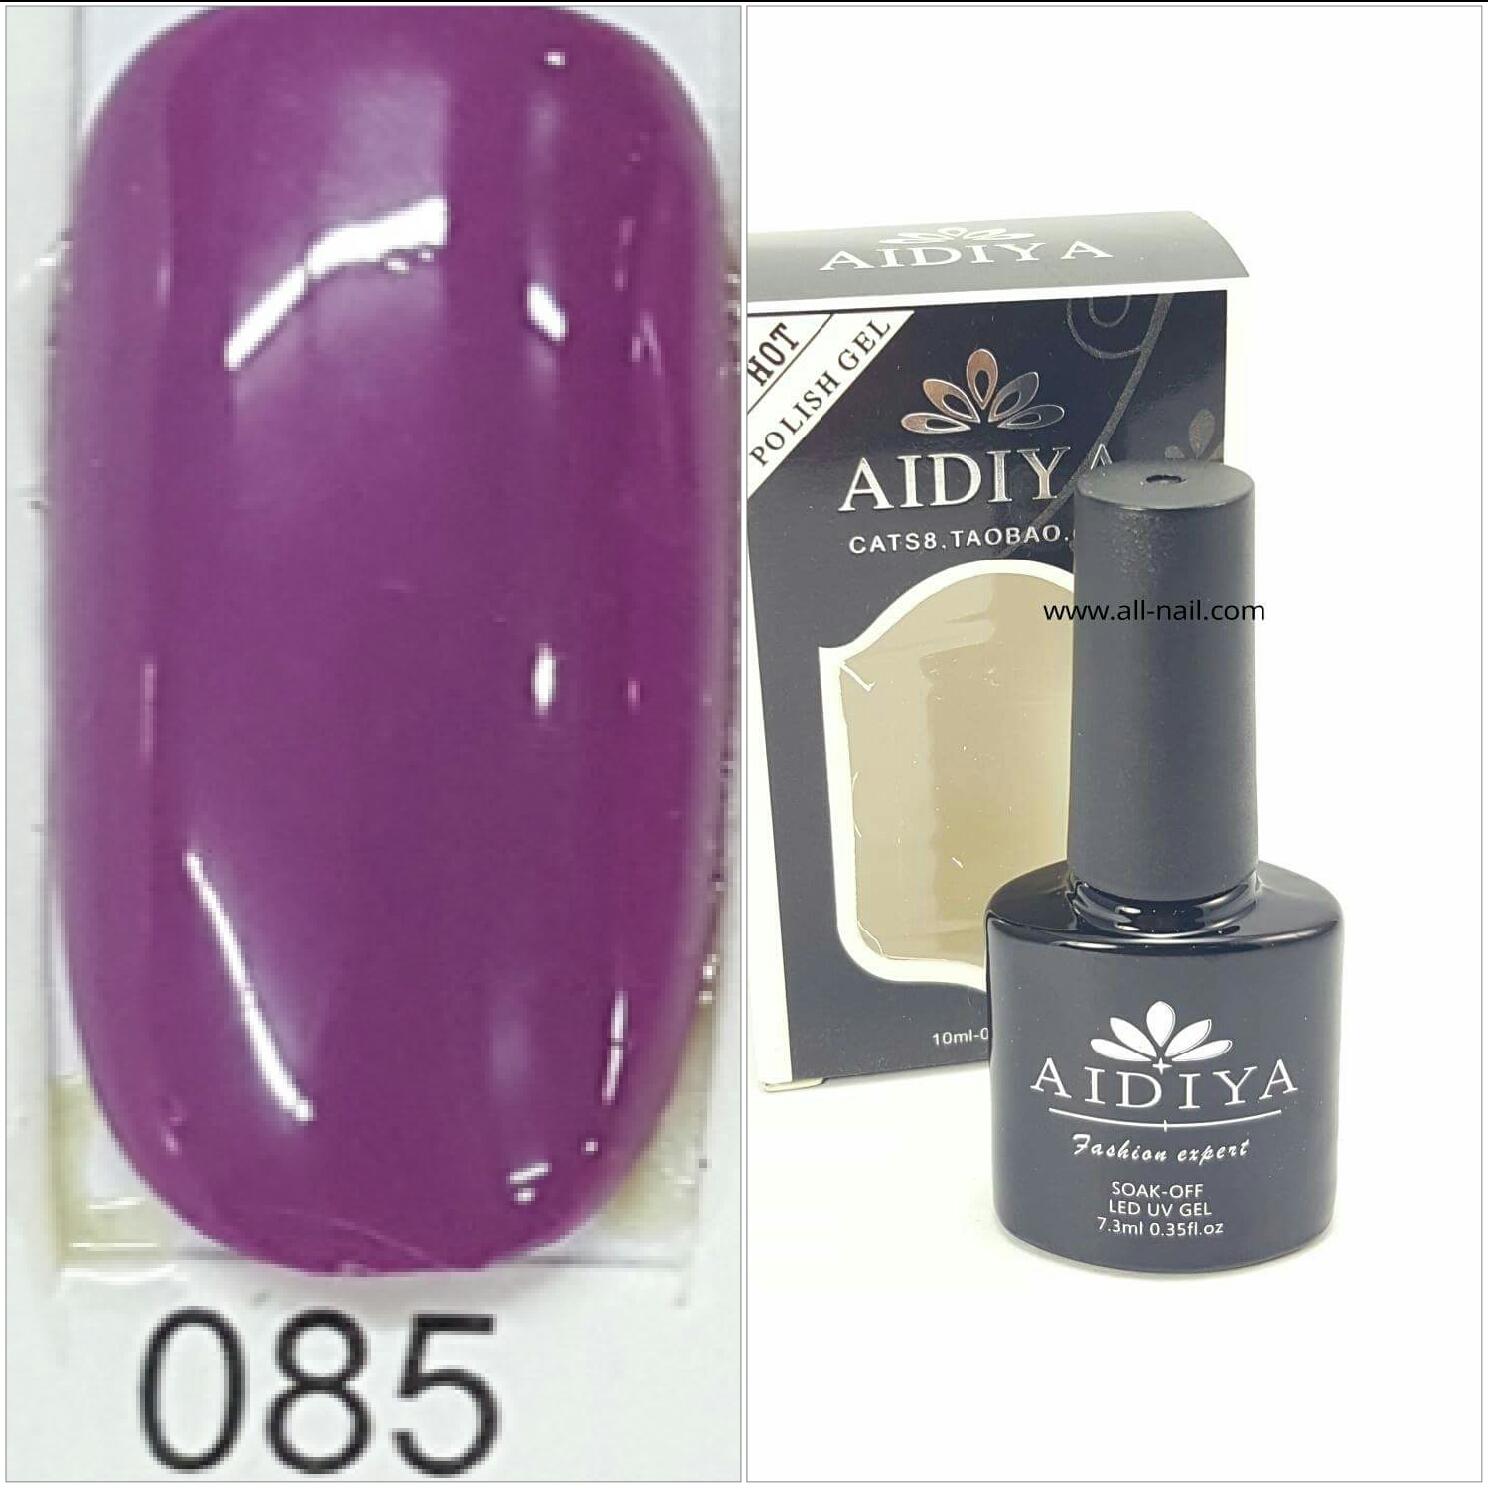 สีเจลทาเล็บ AIDIYA #085